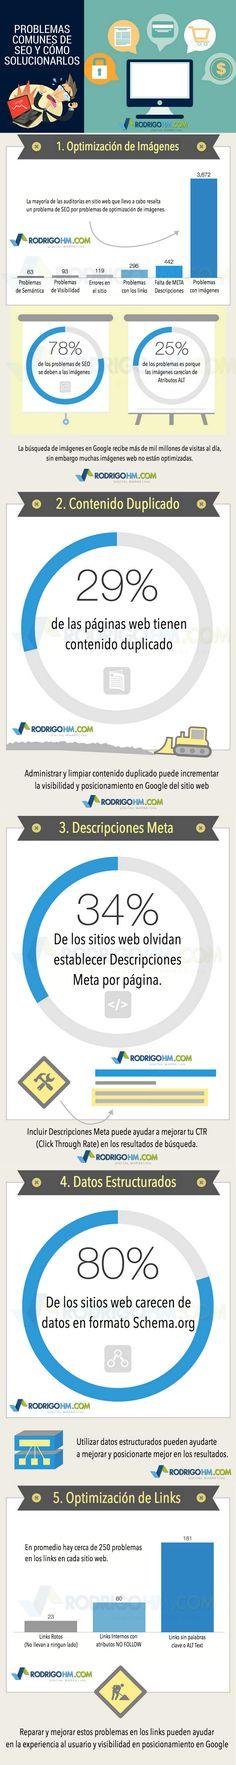 Problemas comunes SEO y cómo solucionarlo #infografia